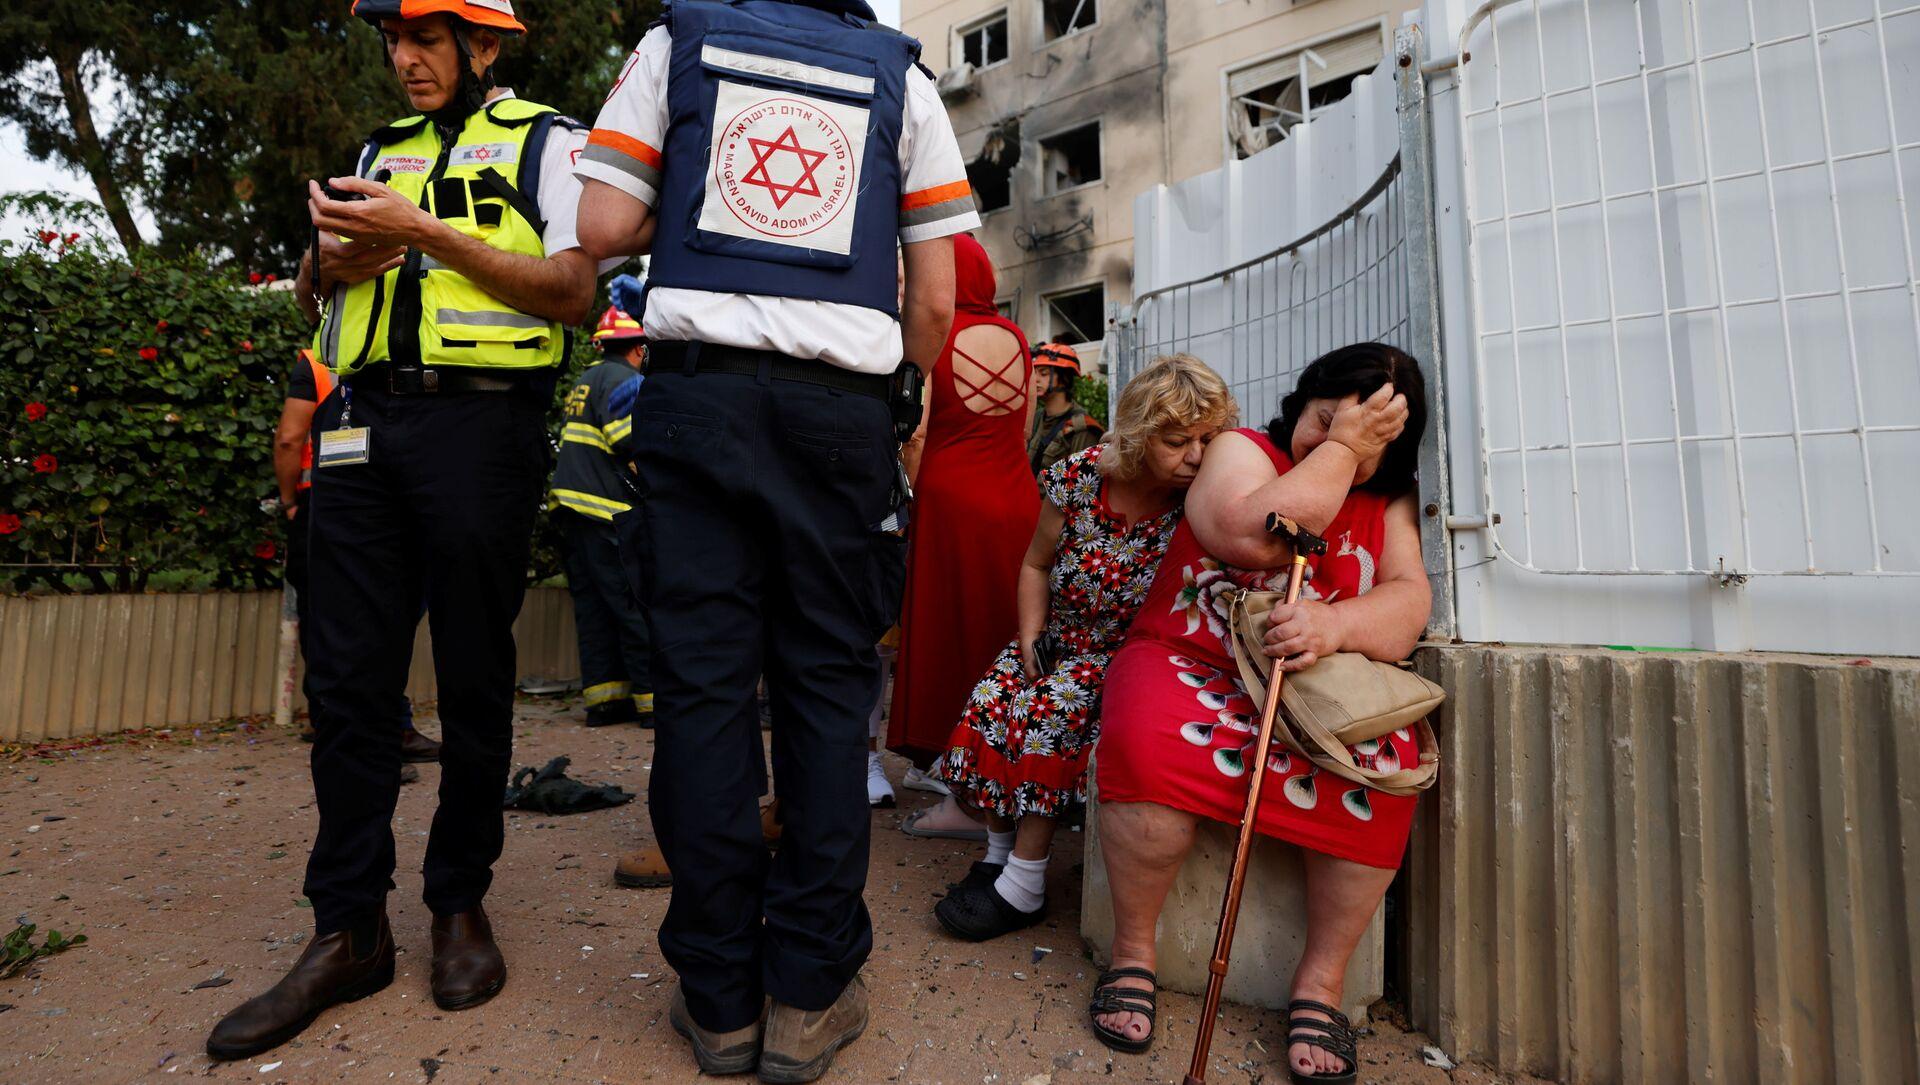 Izraelscy lekarze stoją obok kobiet przed domem uszkodzonym przez pocisk wystrzelony ze Strefy Gazy  - Sputnik Polska, 1920, 11.05.2021